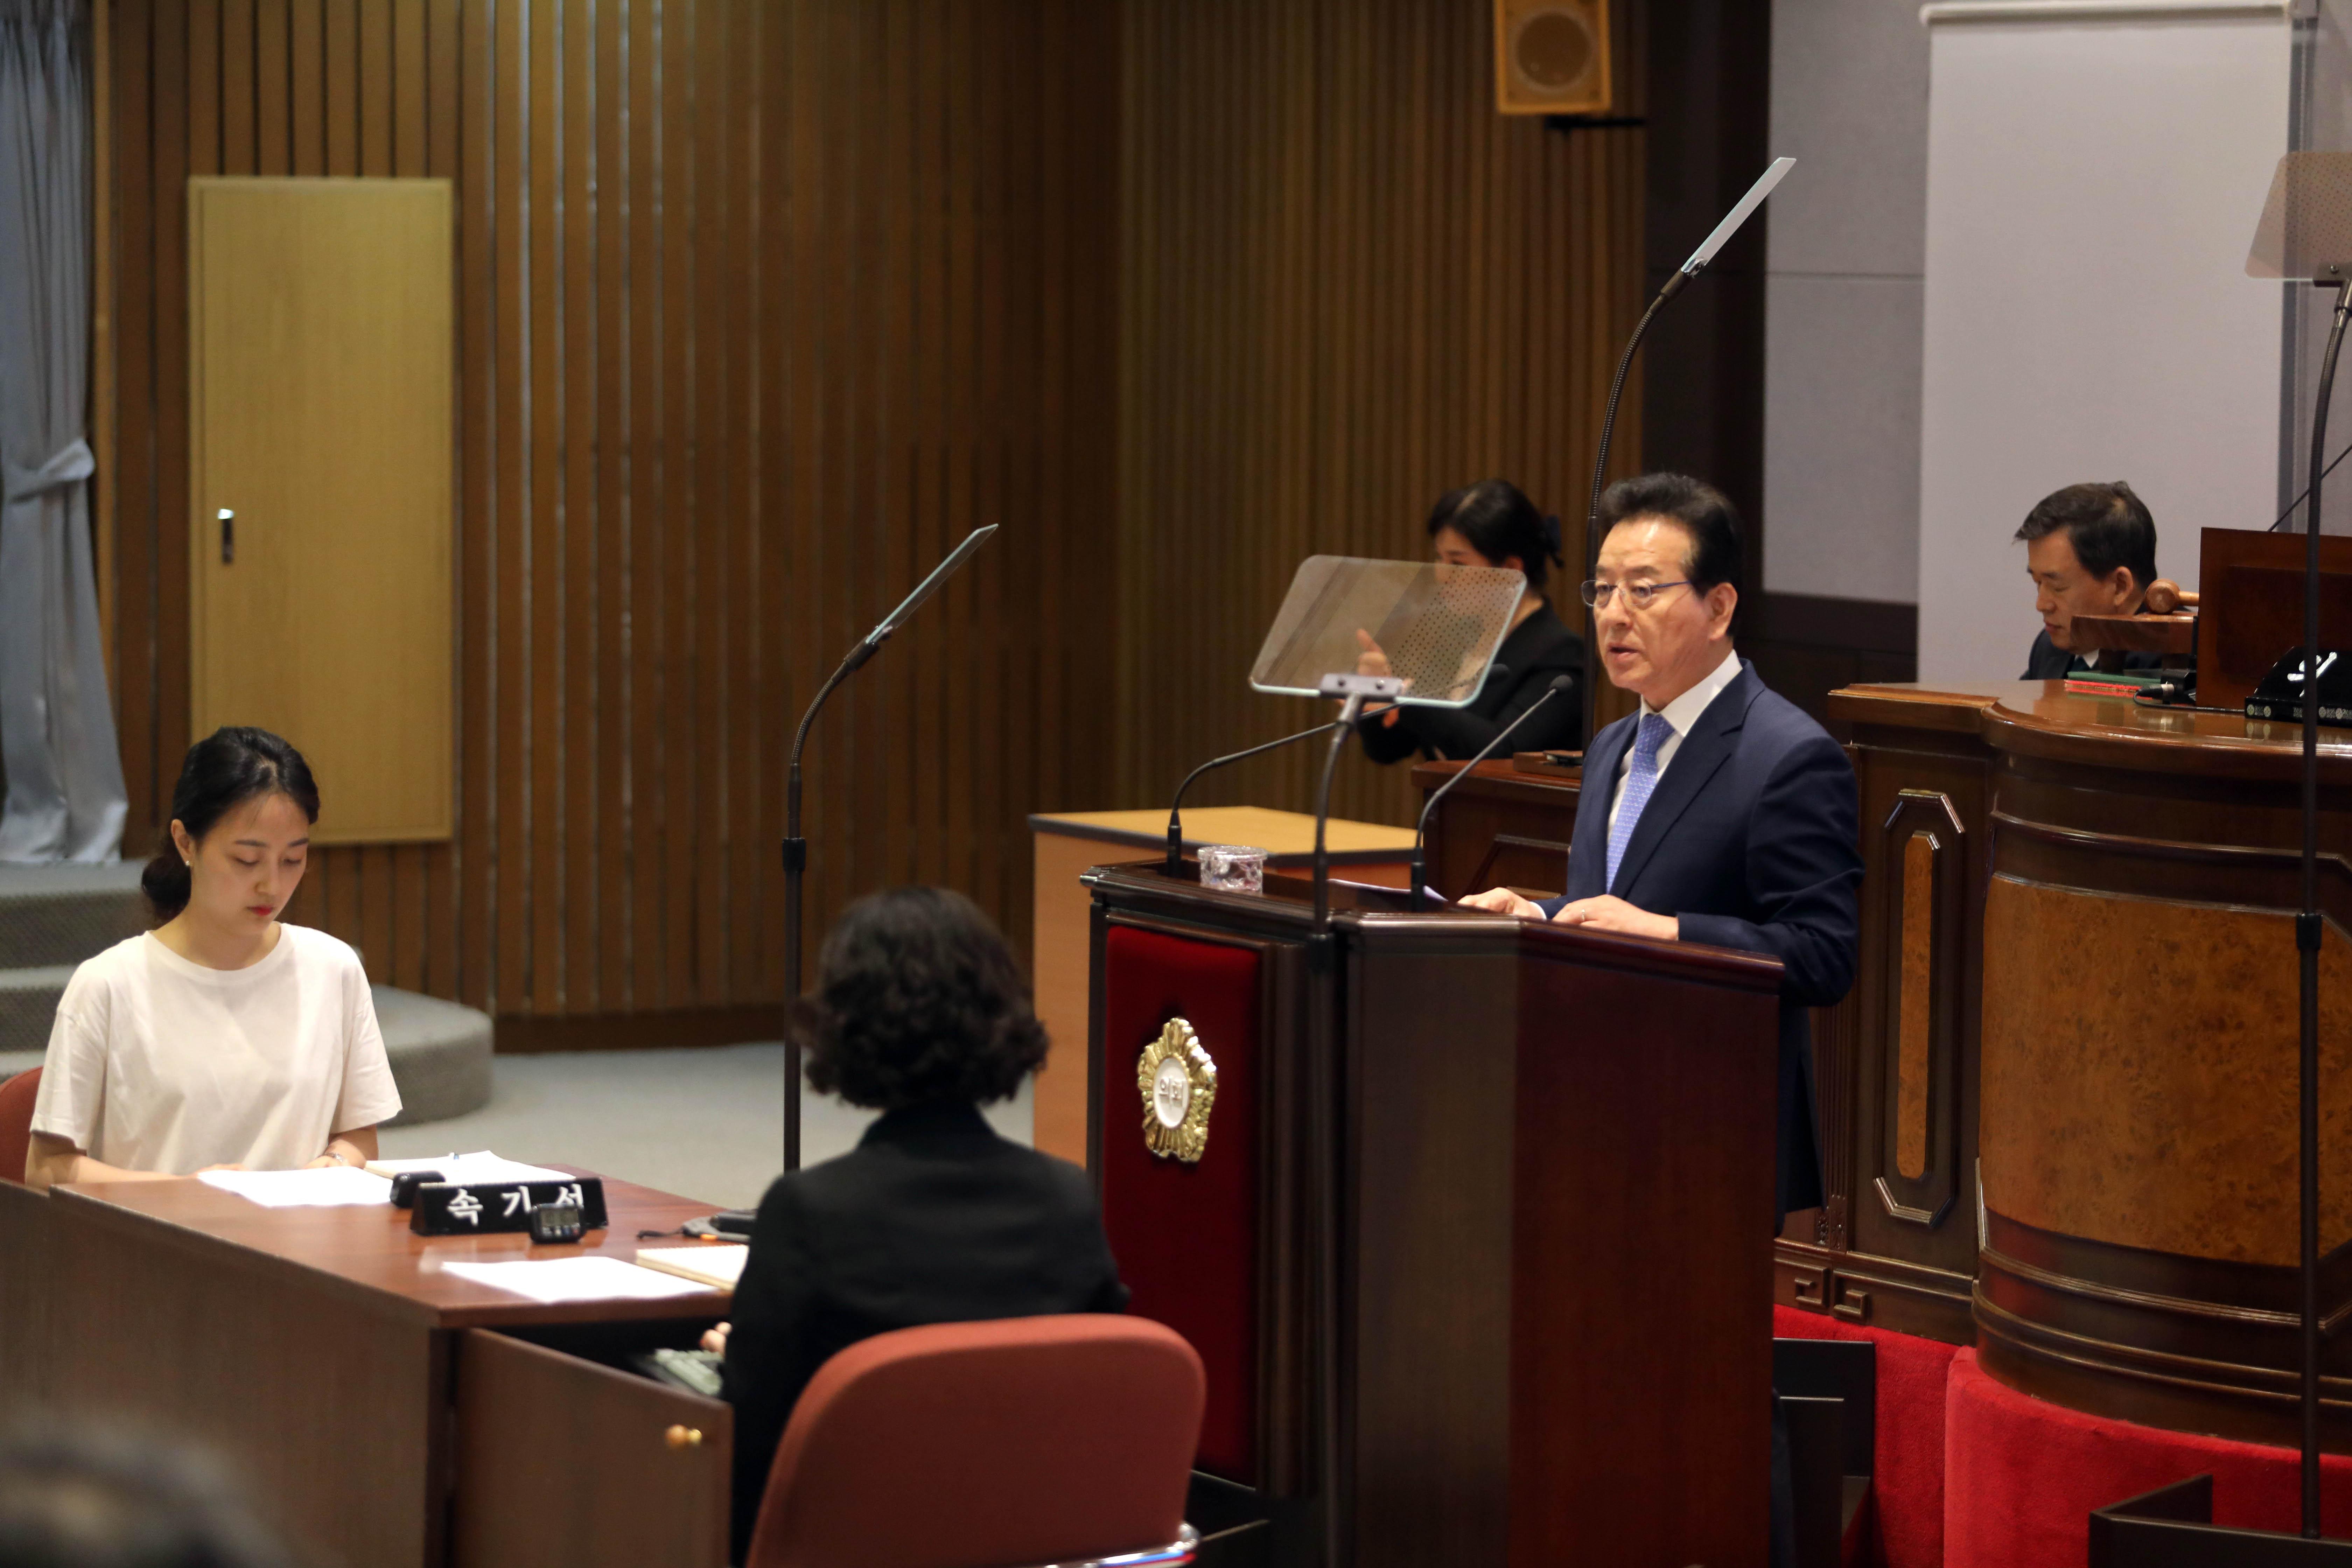 강남구의회(의장 이관수)는 10일부터 21일까지 총 12일간의 일정으로'제277회 제1차 정례회'를 열고 '2018회계연도 결산 승인안' 및 '2019년도 제2회 추경안' 등을 처리한다.